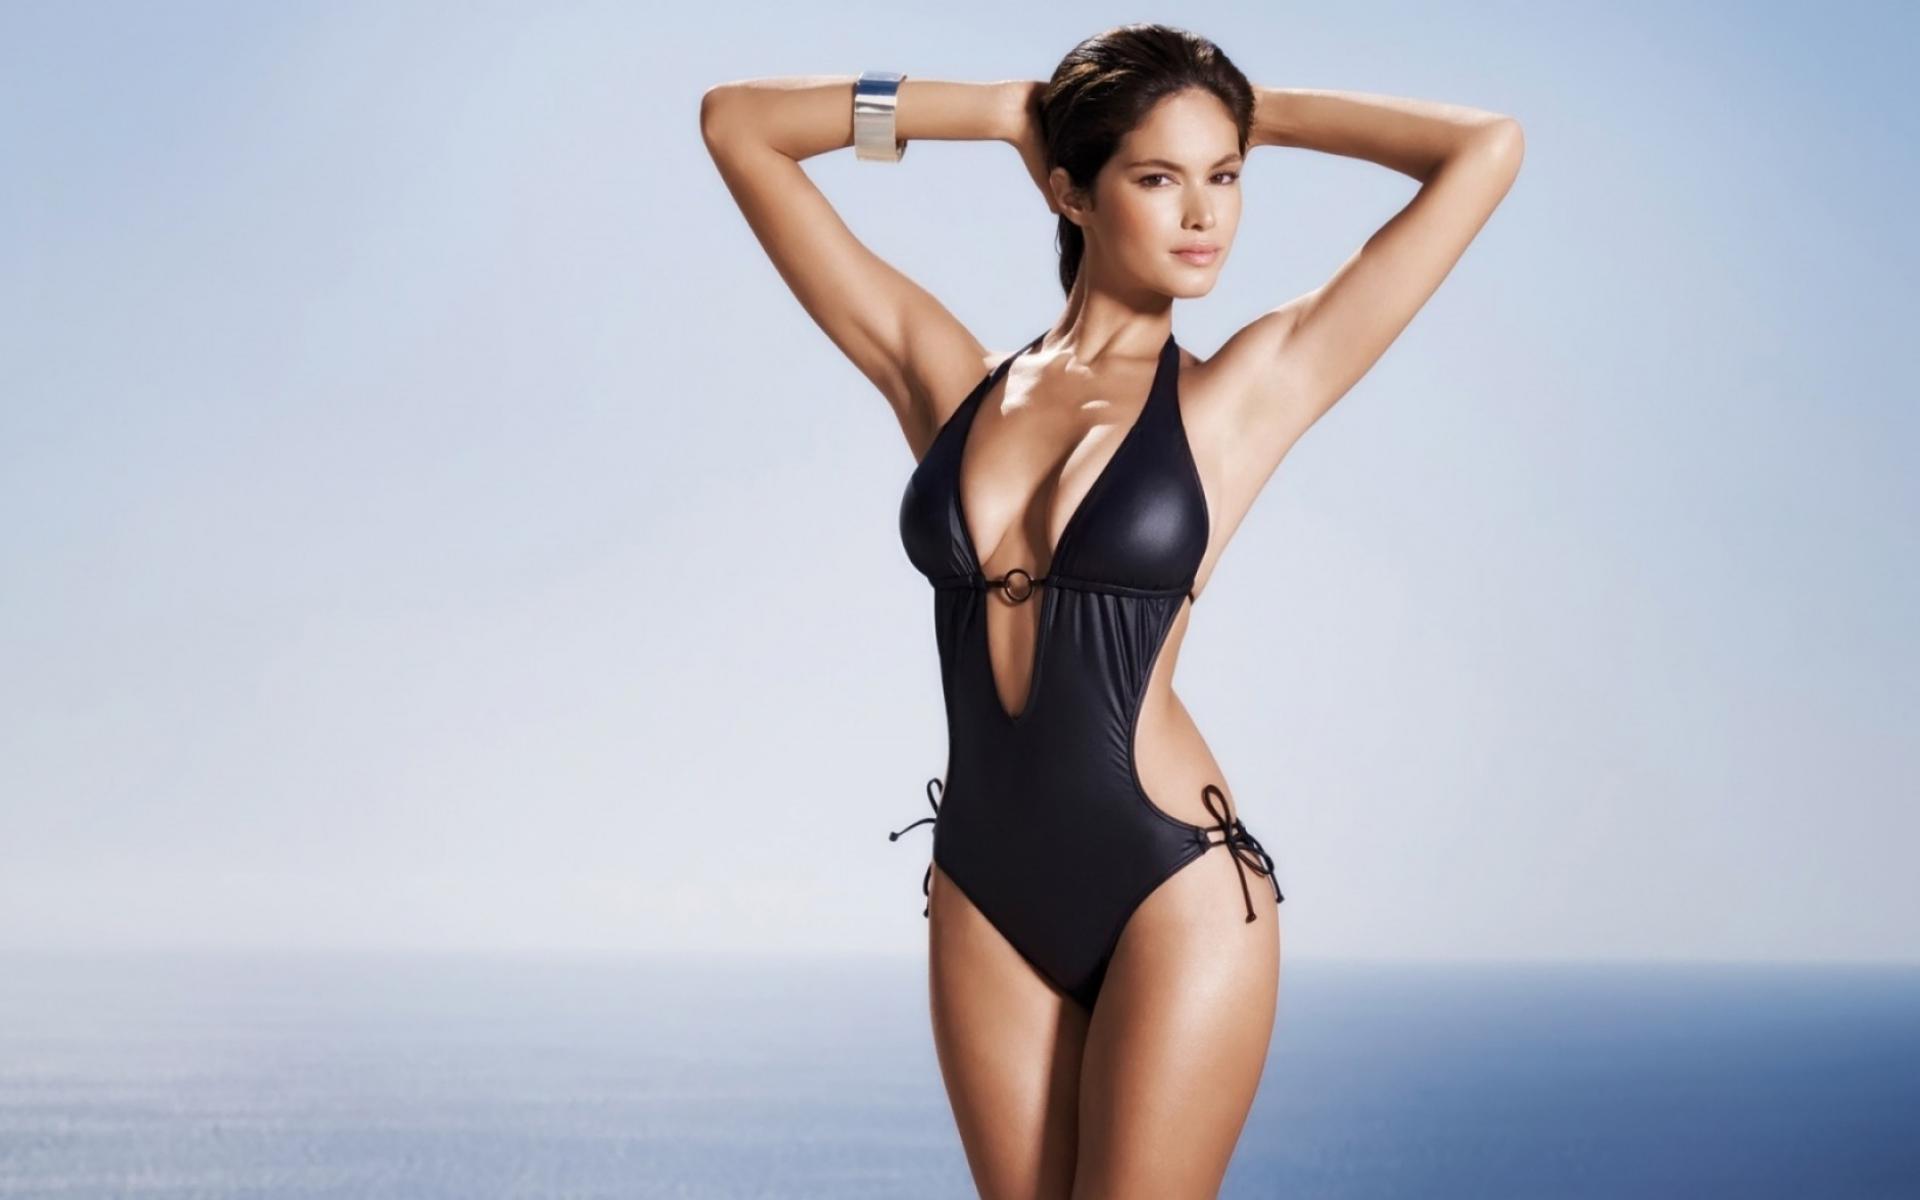 Самые красивые девушки мира без купальников 14 фотография